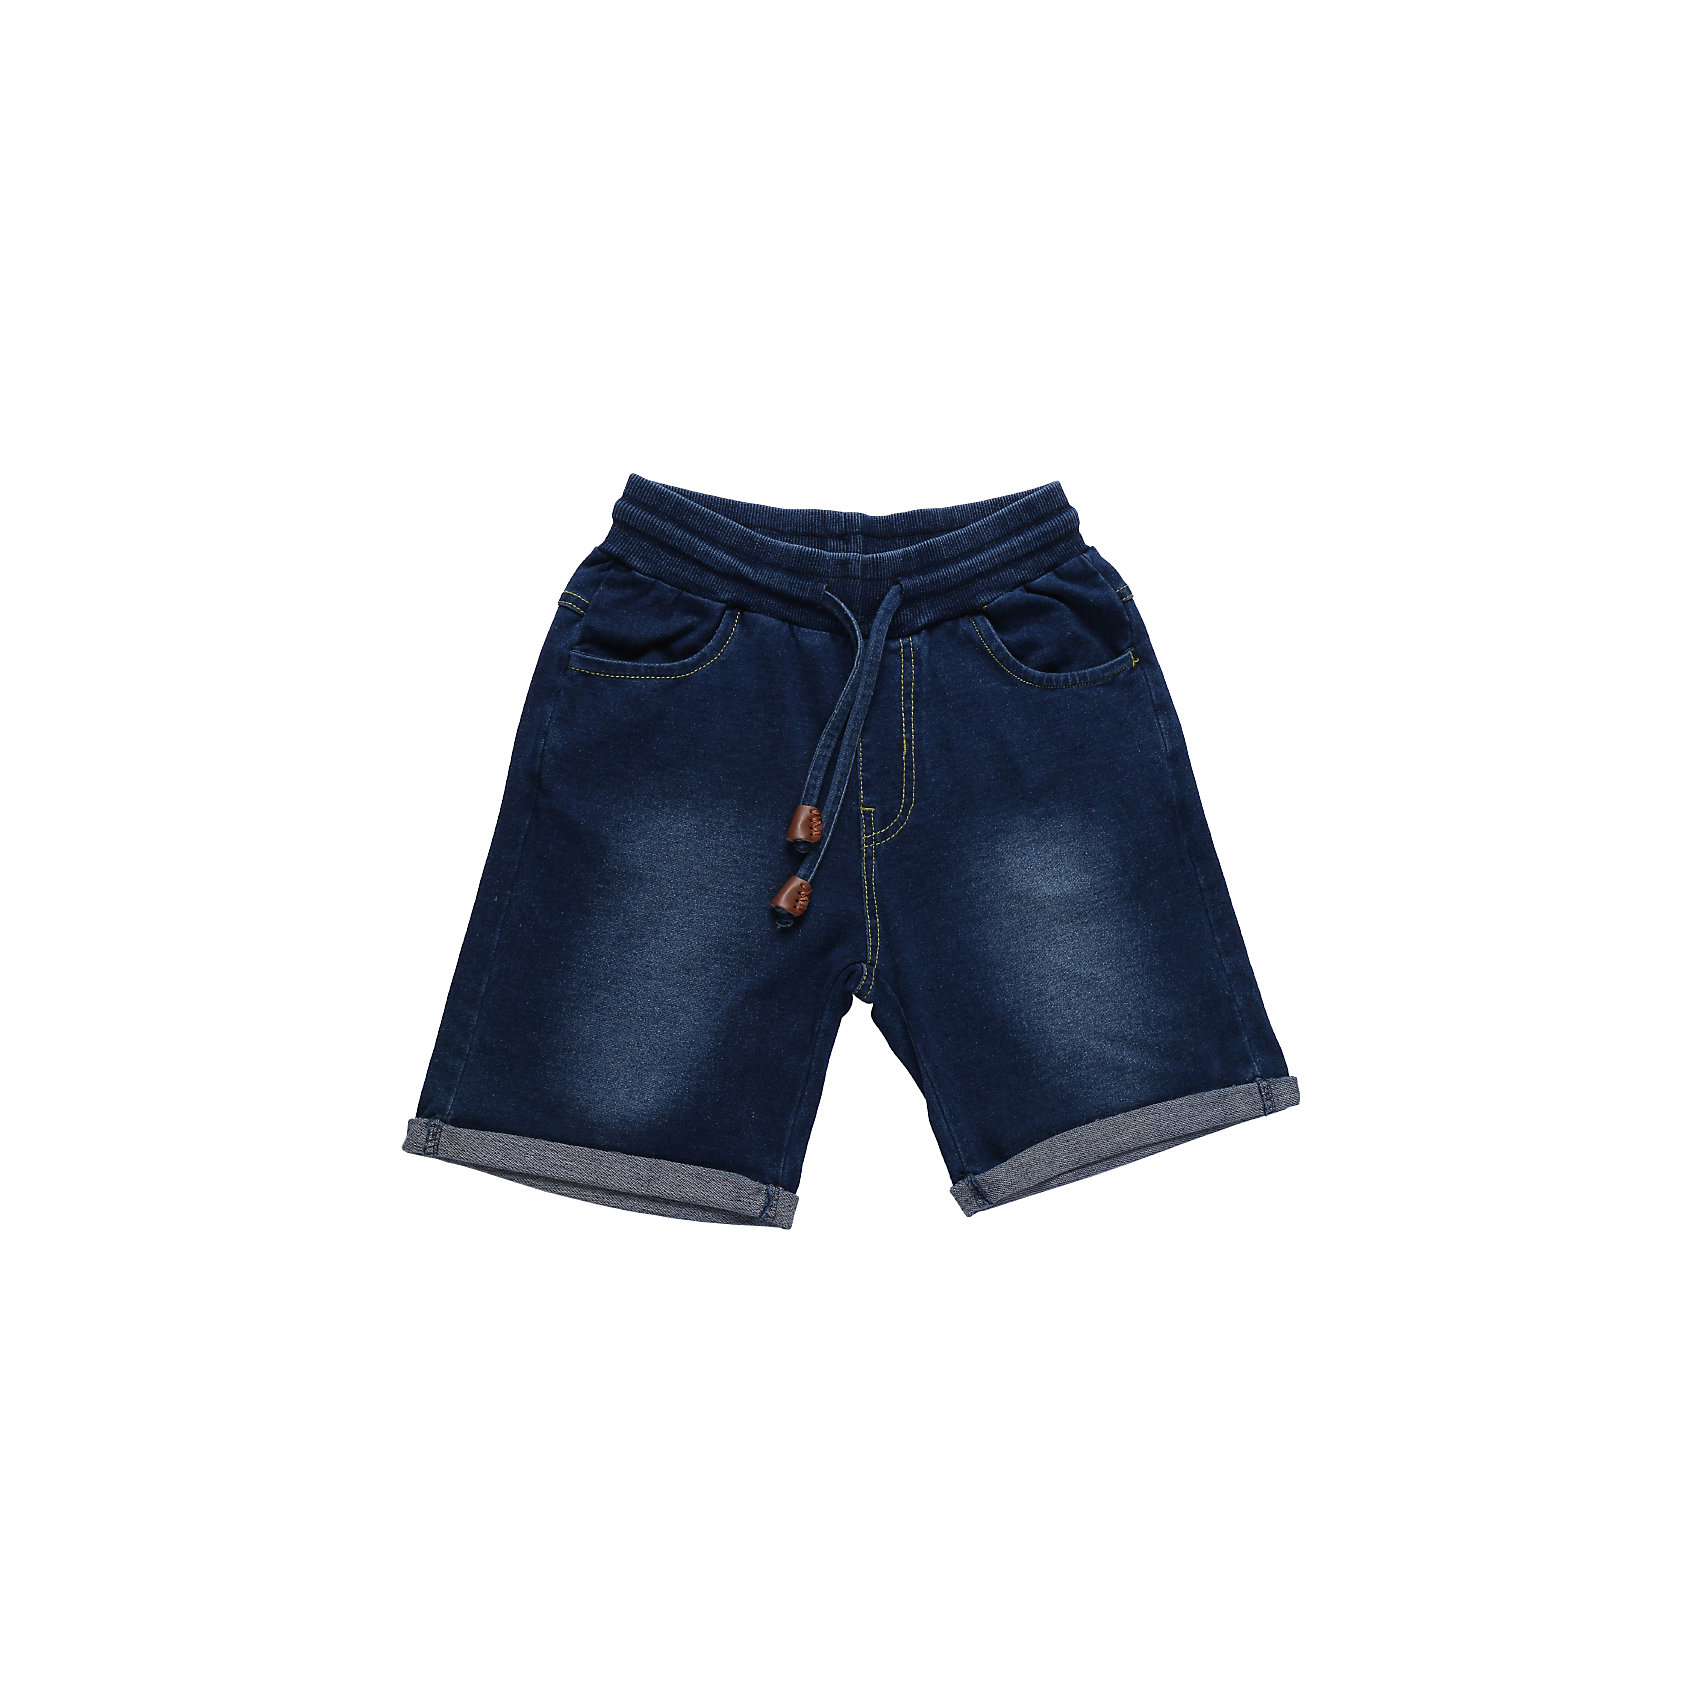 Шорты джинсовые для мальчика LuminosoШорты, бриджи, капри<br>Мягкие, трикотажные шорты с отворотом, под Джинсу для мальчика. Спереди два прорезных кармана. Пояс-резинка дополнен шнуром для регулирования объема.<br>Состав:<br>95%хлопок 5%эластан<br><br>Ширина мм: 191<br>Глубина мм: 10<br>Высота мм: 175<br>Вес г: 273<br>Цвет: голубой<br>Возраст от месяцев: 108<br>Возраст до месяцев: 120<br>Пол: Мужской<br>Возраст: Детский<br>Размер: 140,134,164,158,152,146<br>SKU: 5409789